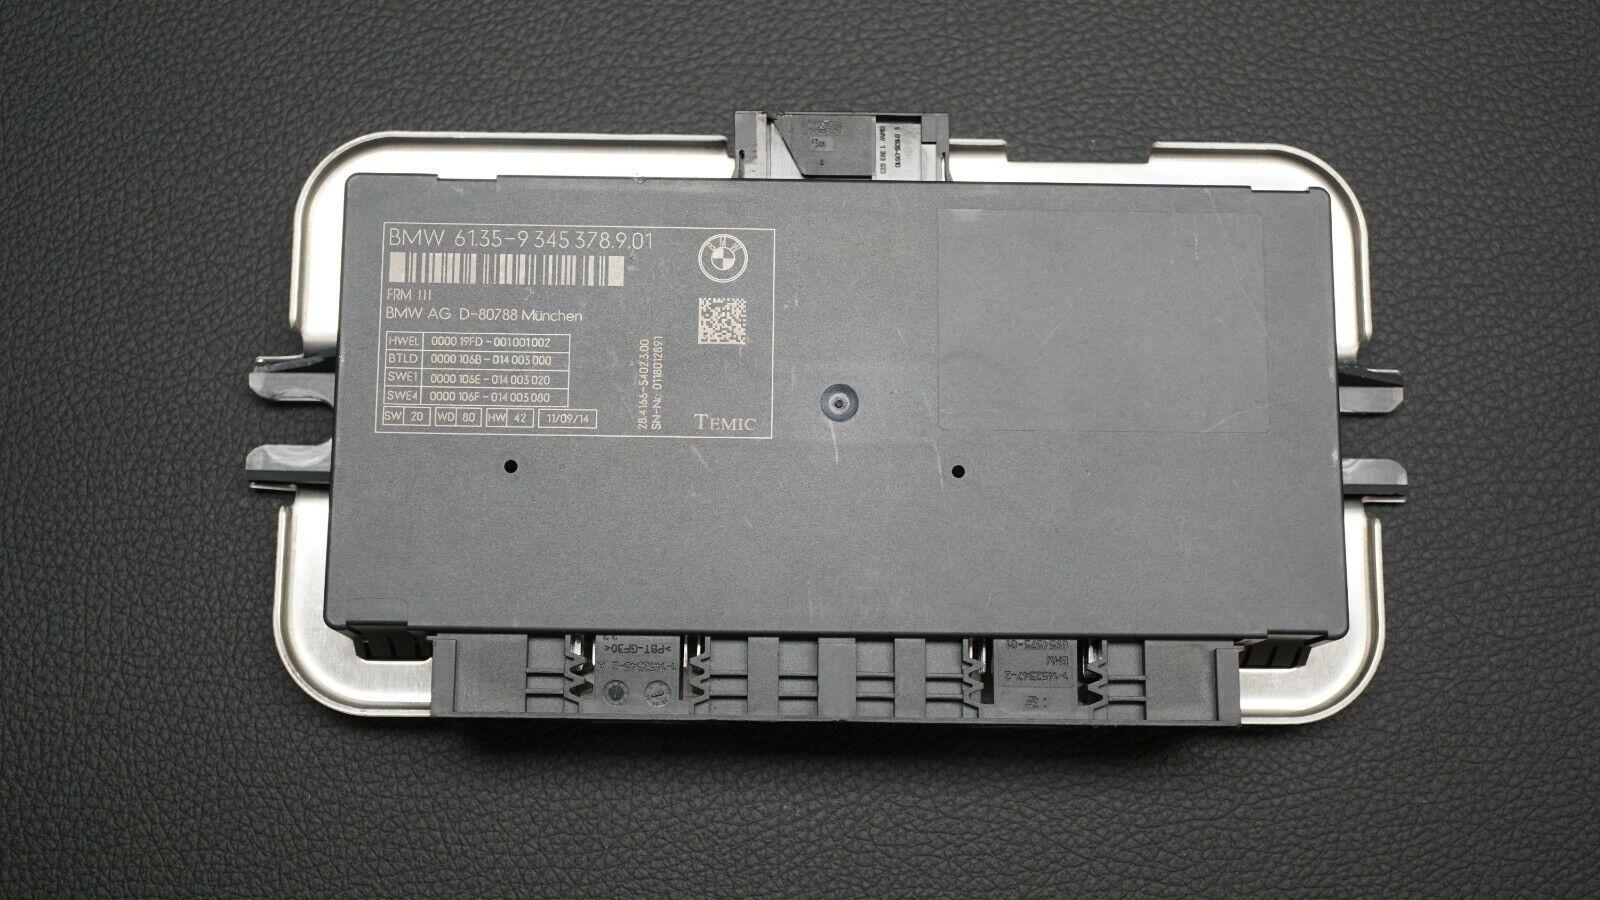 BMW F01 F02 F06 F07 F10 F11 F12 F13 FRM3 Footwell Module 9273629 Temic